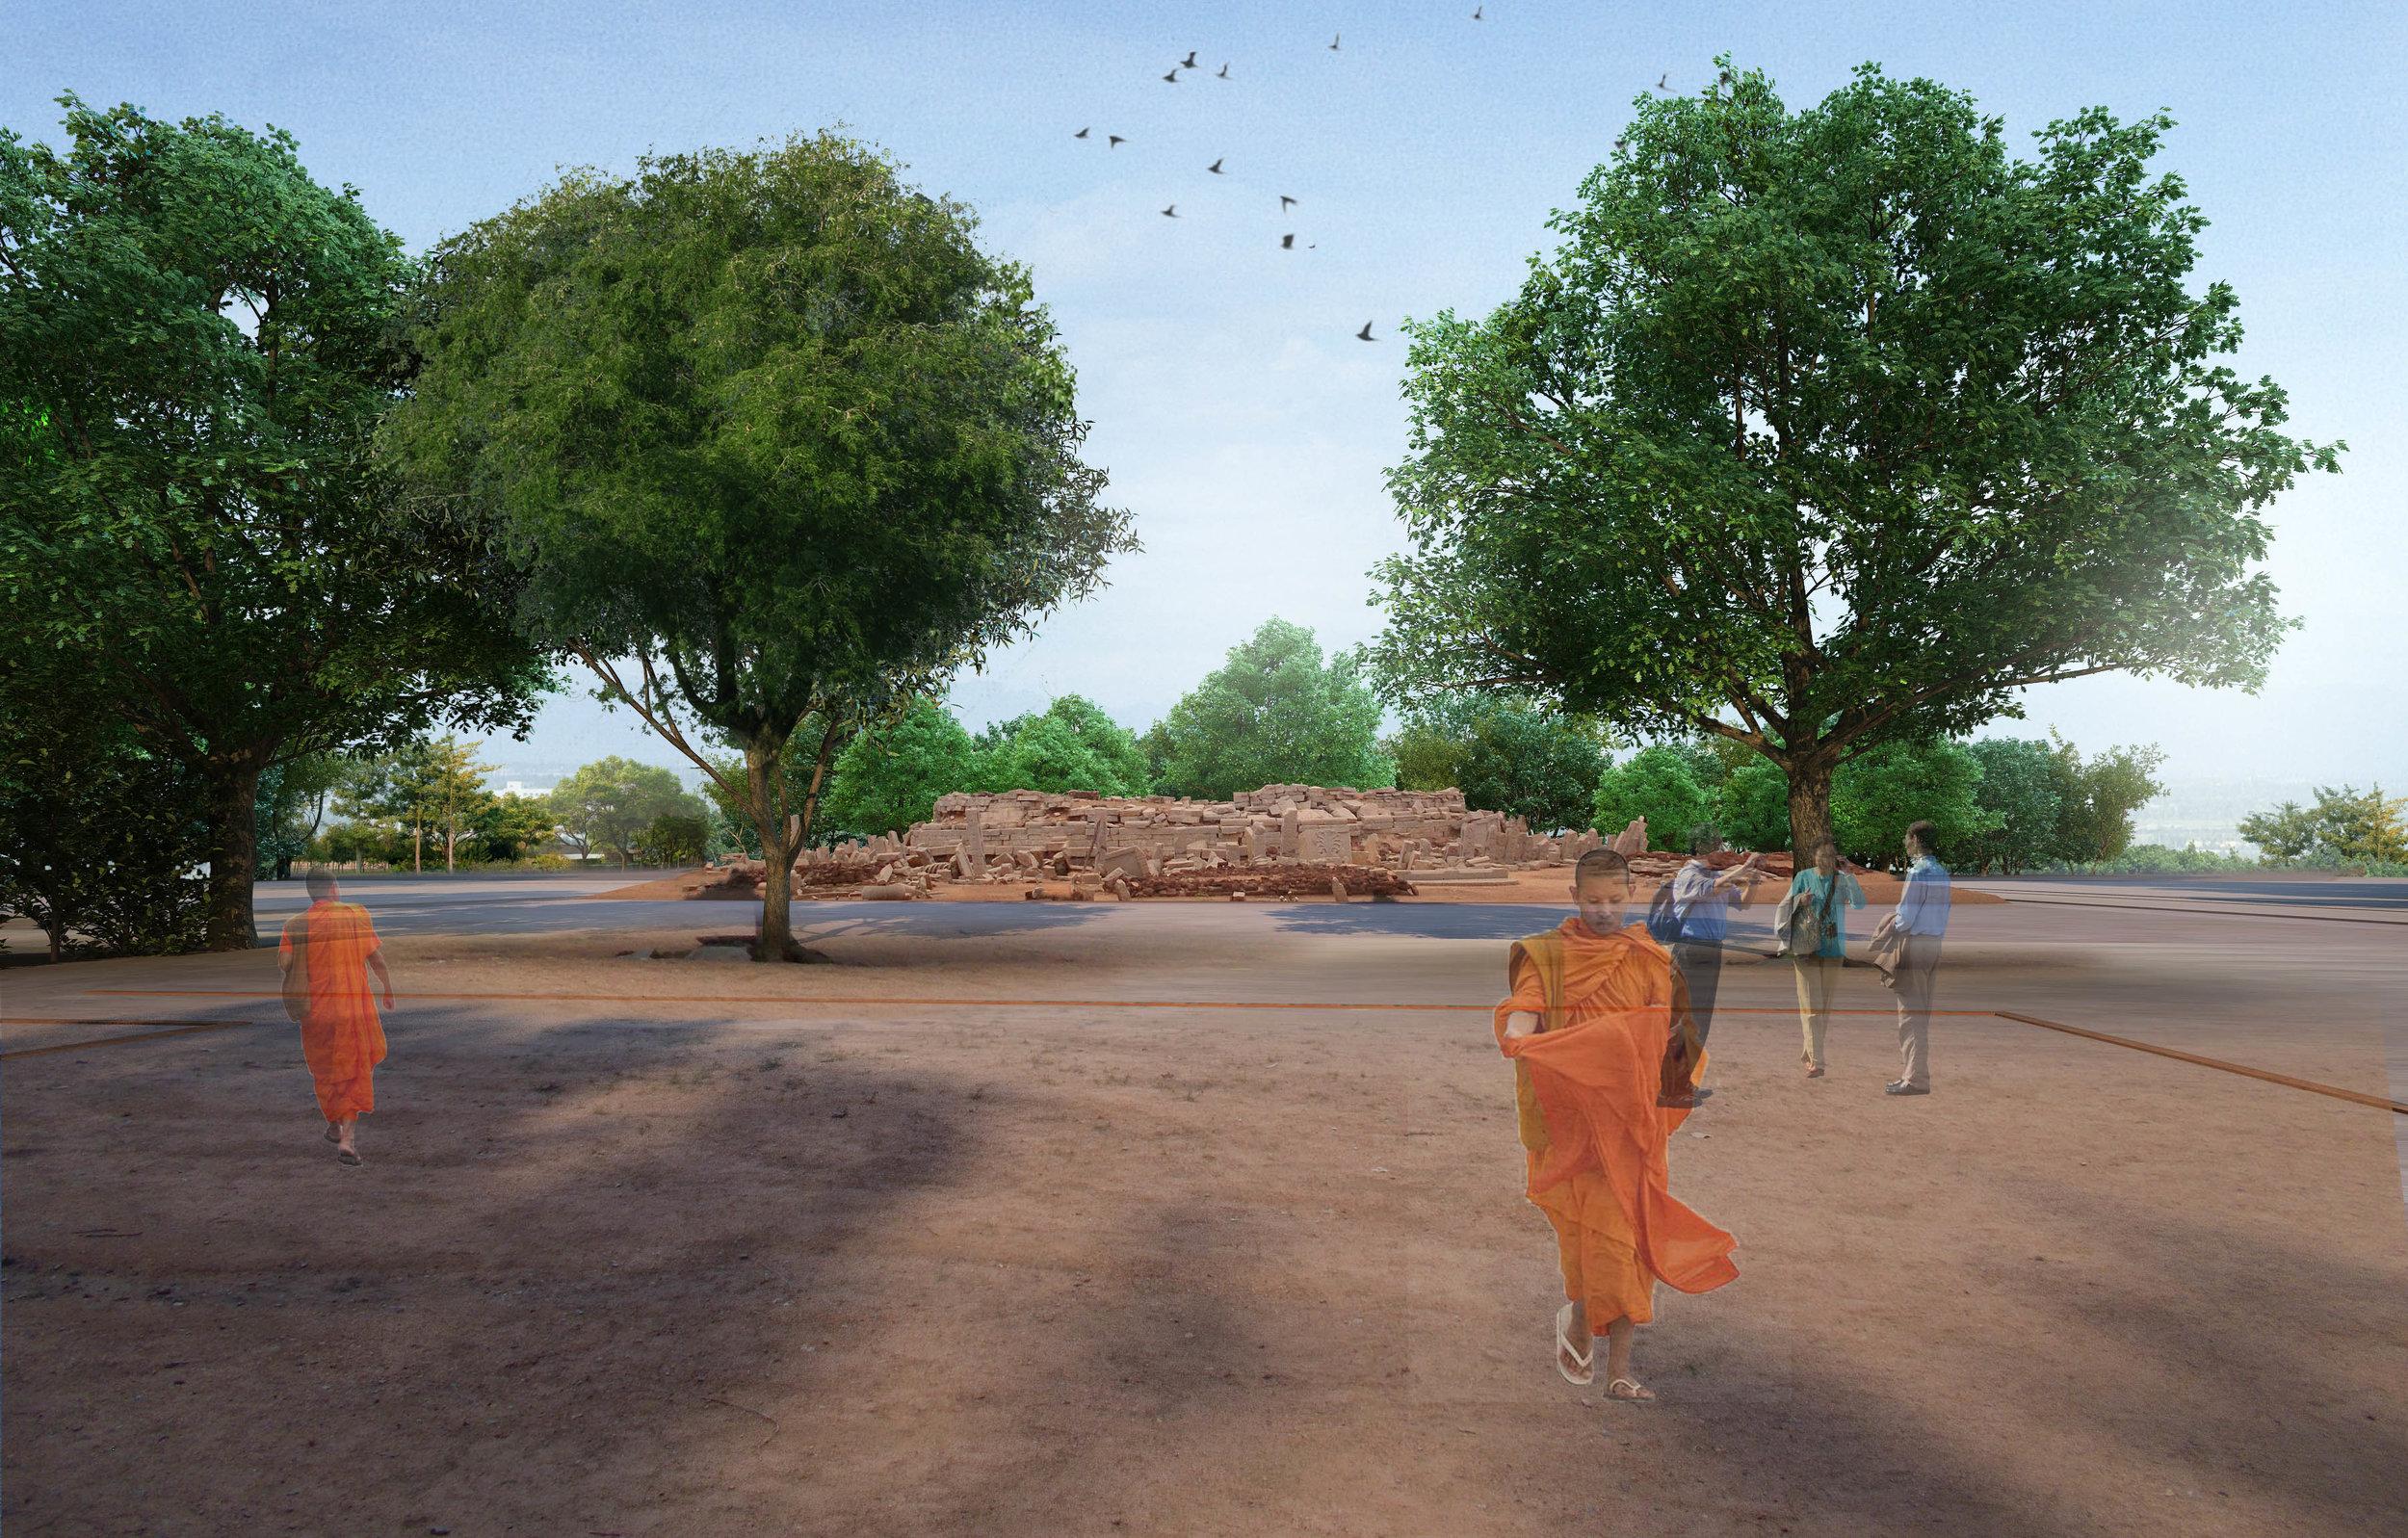 Ficus-landscape-bangalore-sannati-buddhist-stupa-01